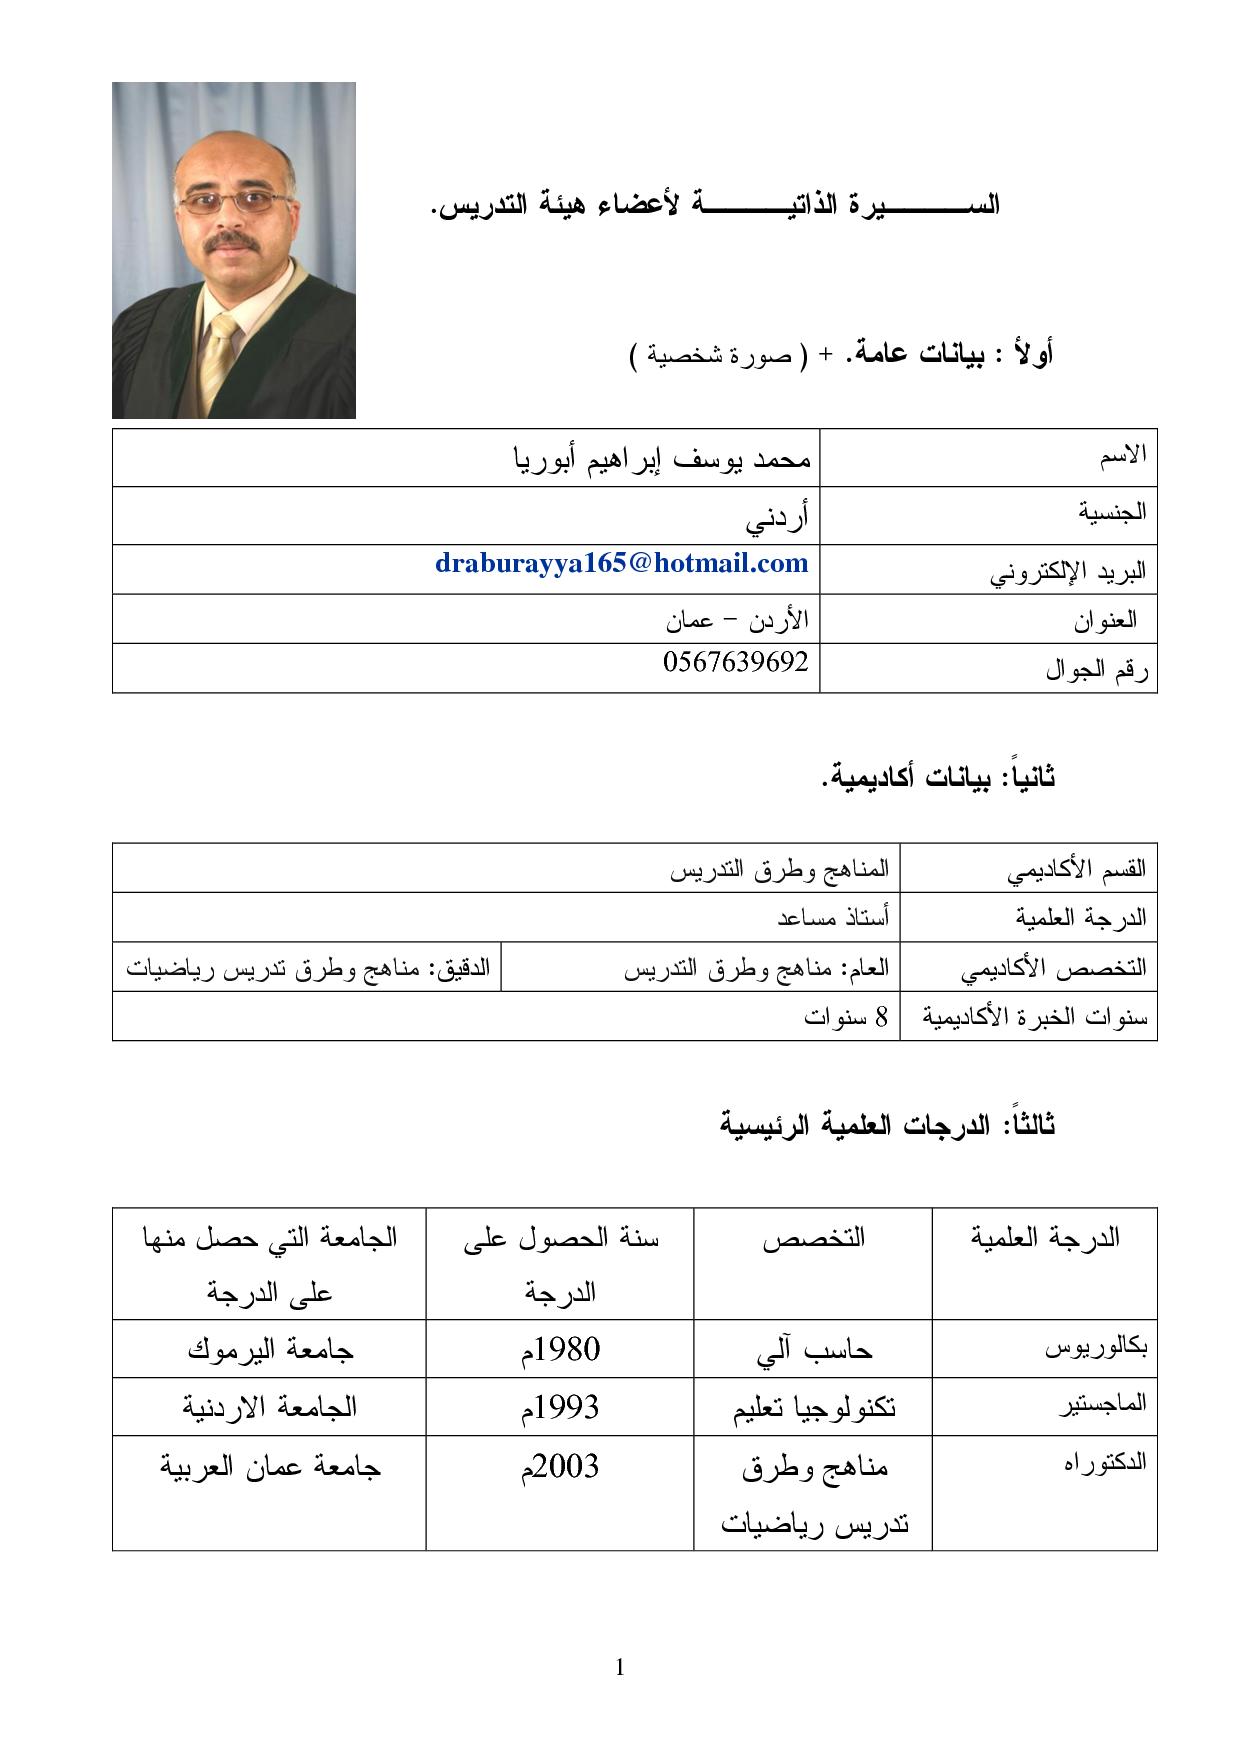 صور نموذج للسيرة الذاتية بالعربي